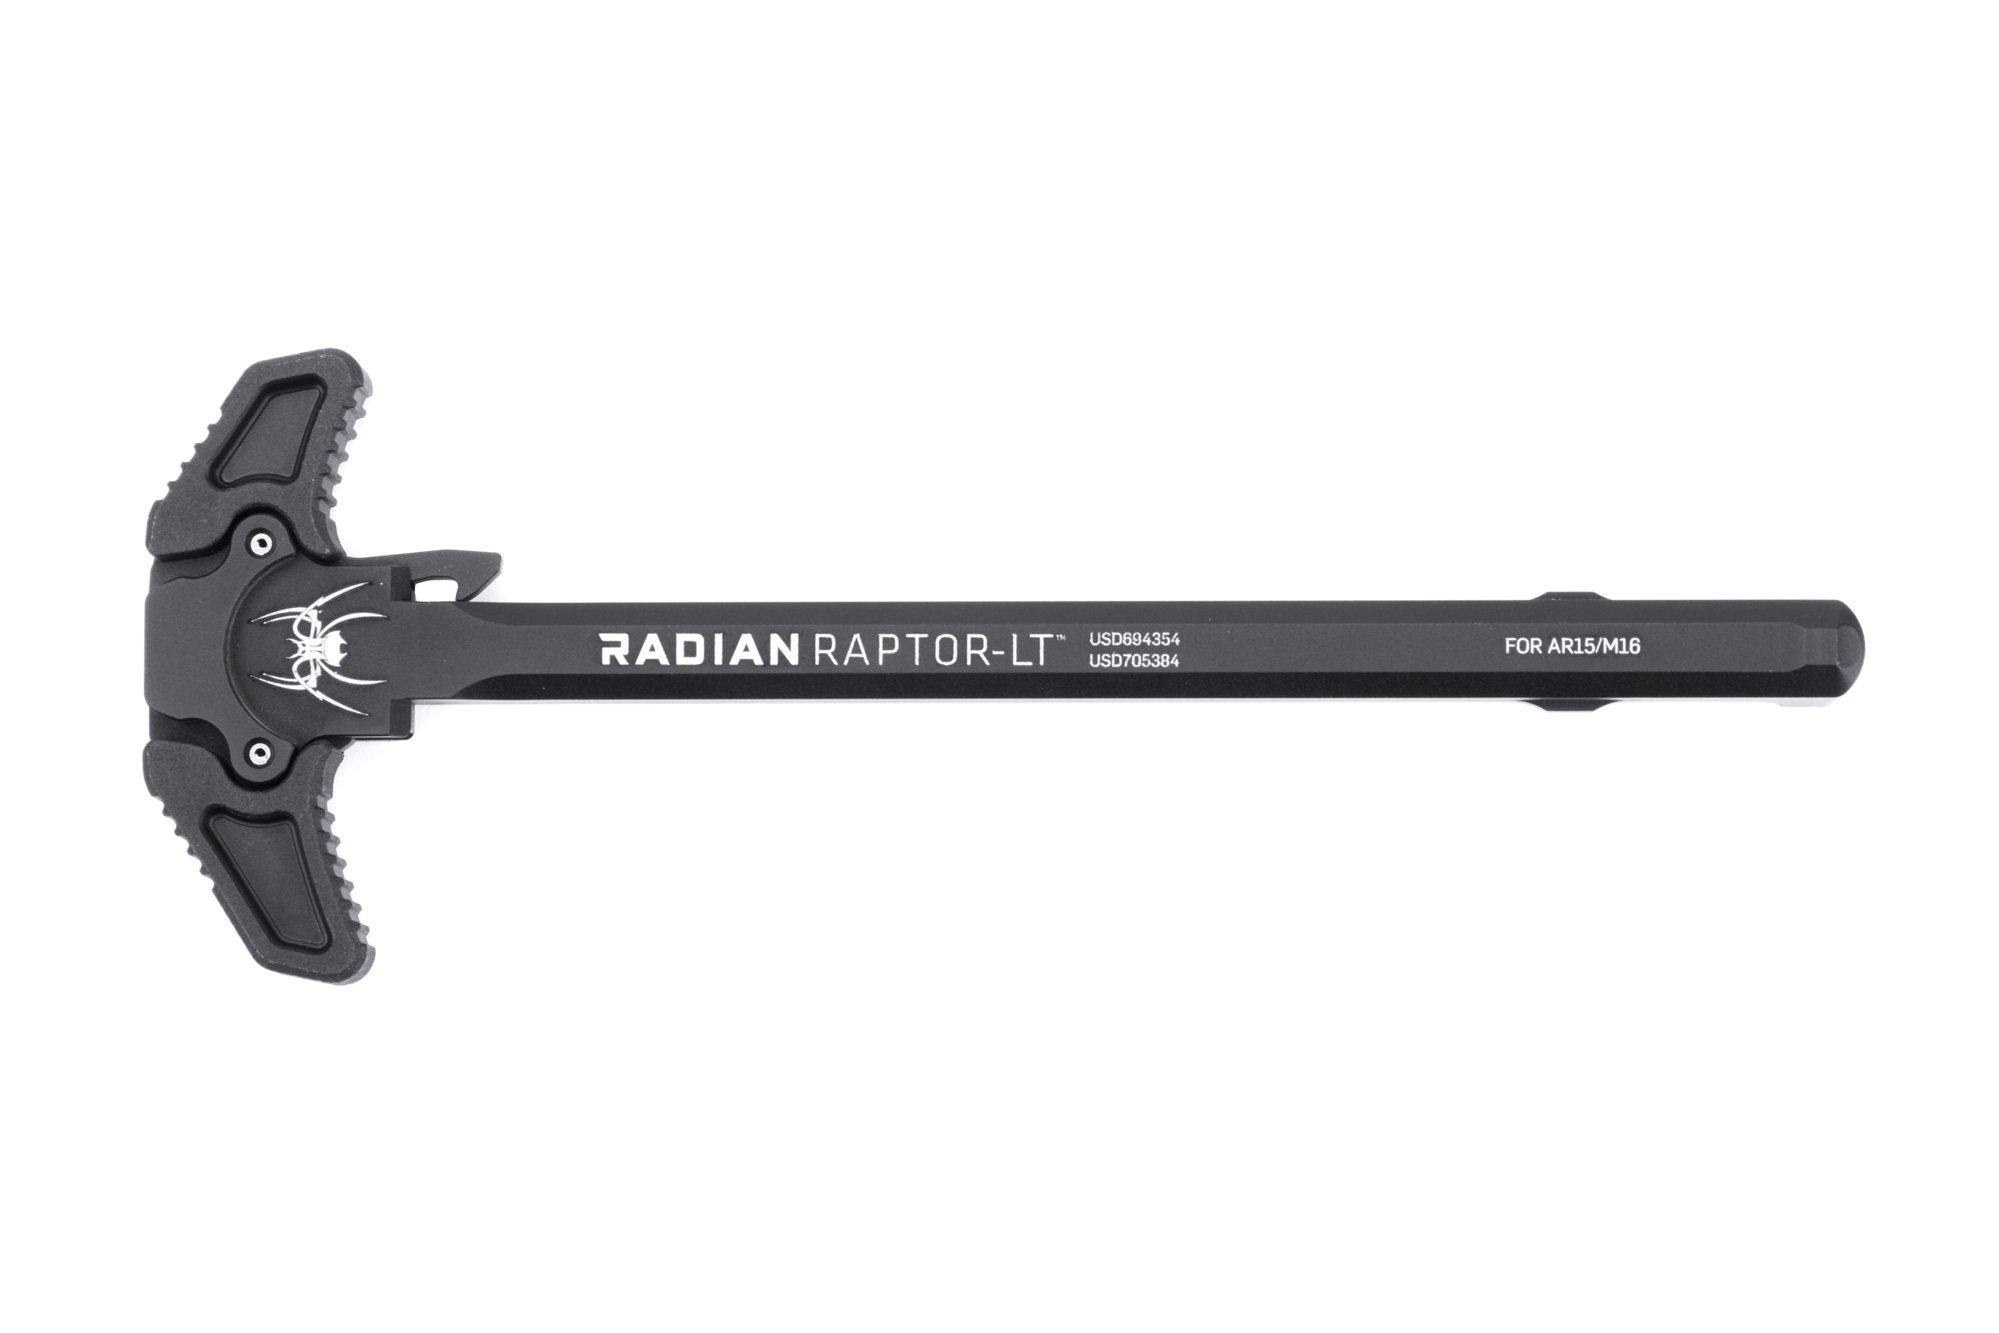 Radian Raptor-LT 5.56